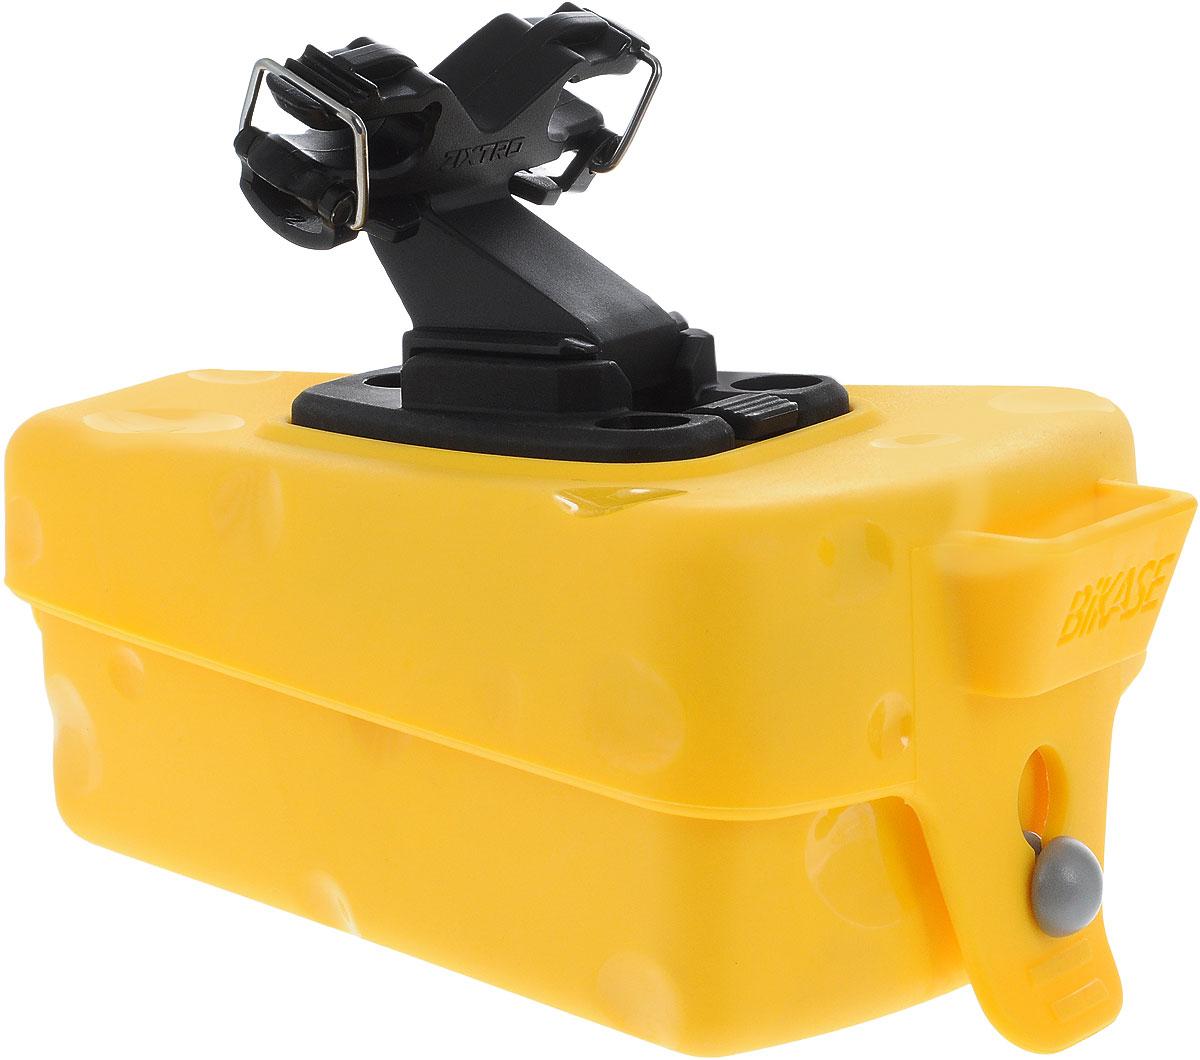 Сумка подседельная BiKase Cheese Wedge, 13 х 9 х 5,5 смASS-02 S/MПодседельная сумка для велосипеда BiKase Cheese Wedge выполнена из высококачественного полиуретана и имеет форму куска сыра. Закрывается на фиксатор. Изделие легко и быстро устанавливается под седло. Сумка имеет 1 отделение, внутри которого расположен текстильный кармашек.